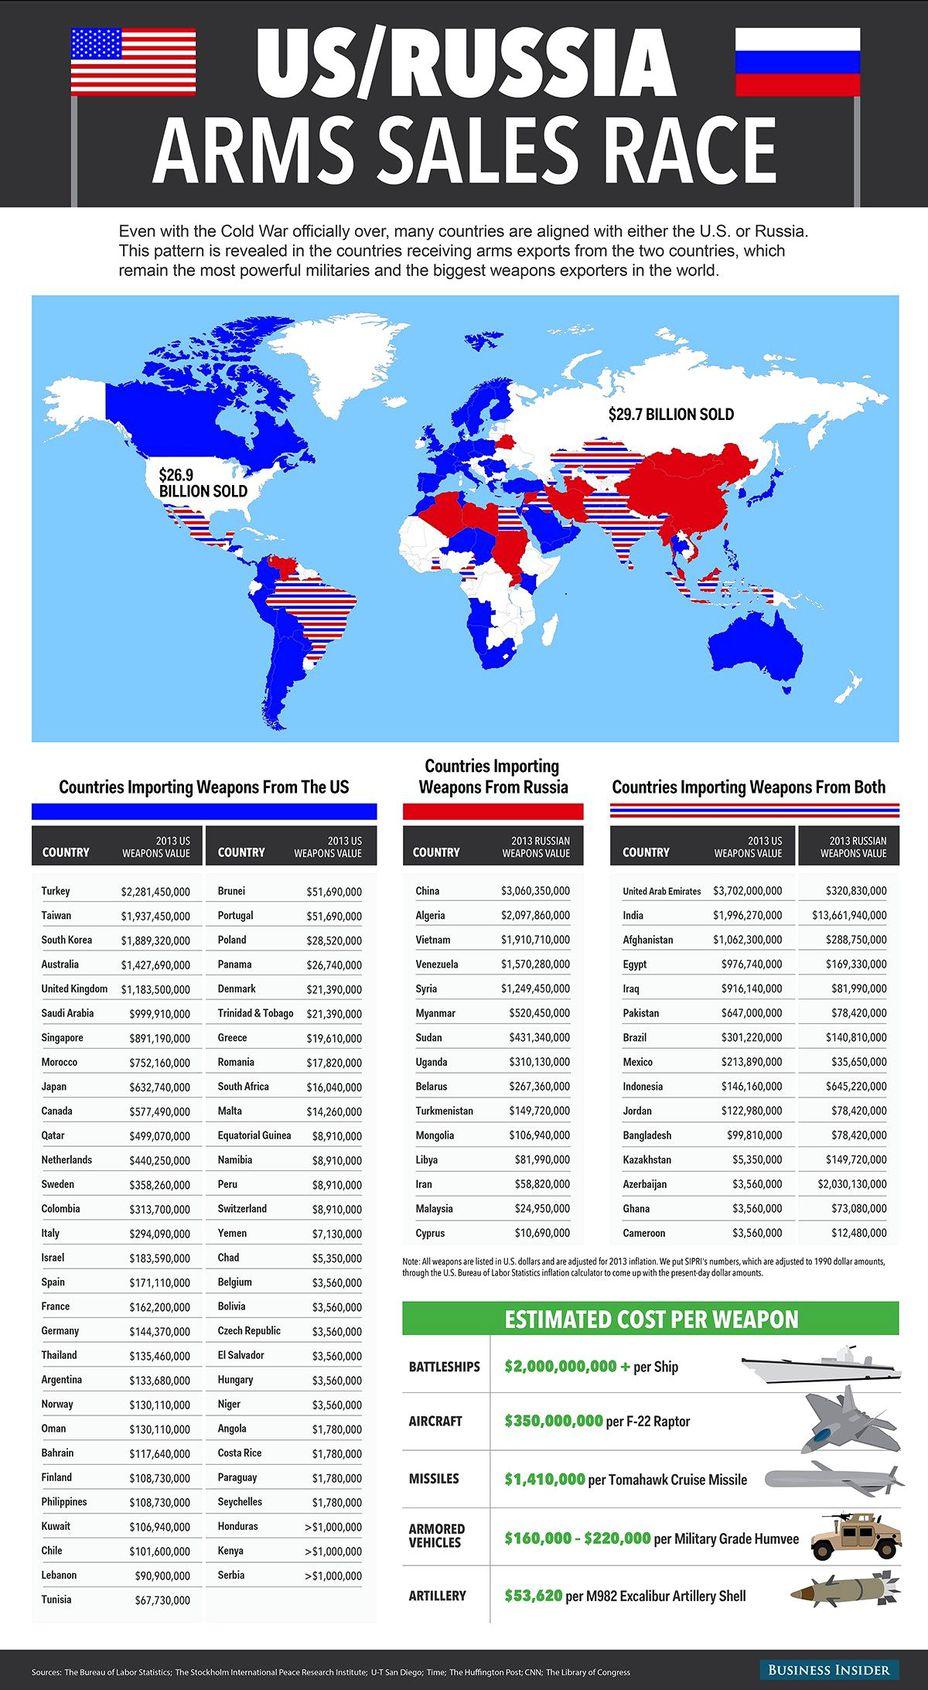 Сравнительная статистика экспорта оружия США и РФ за 2013 год по данным американских экспертов businessinsider.com - Гонка за лидером | Военно-исторический портал Warspot.ru